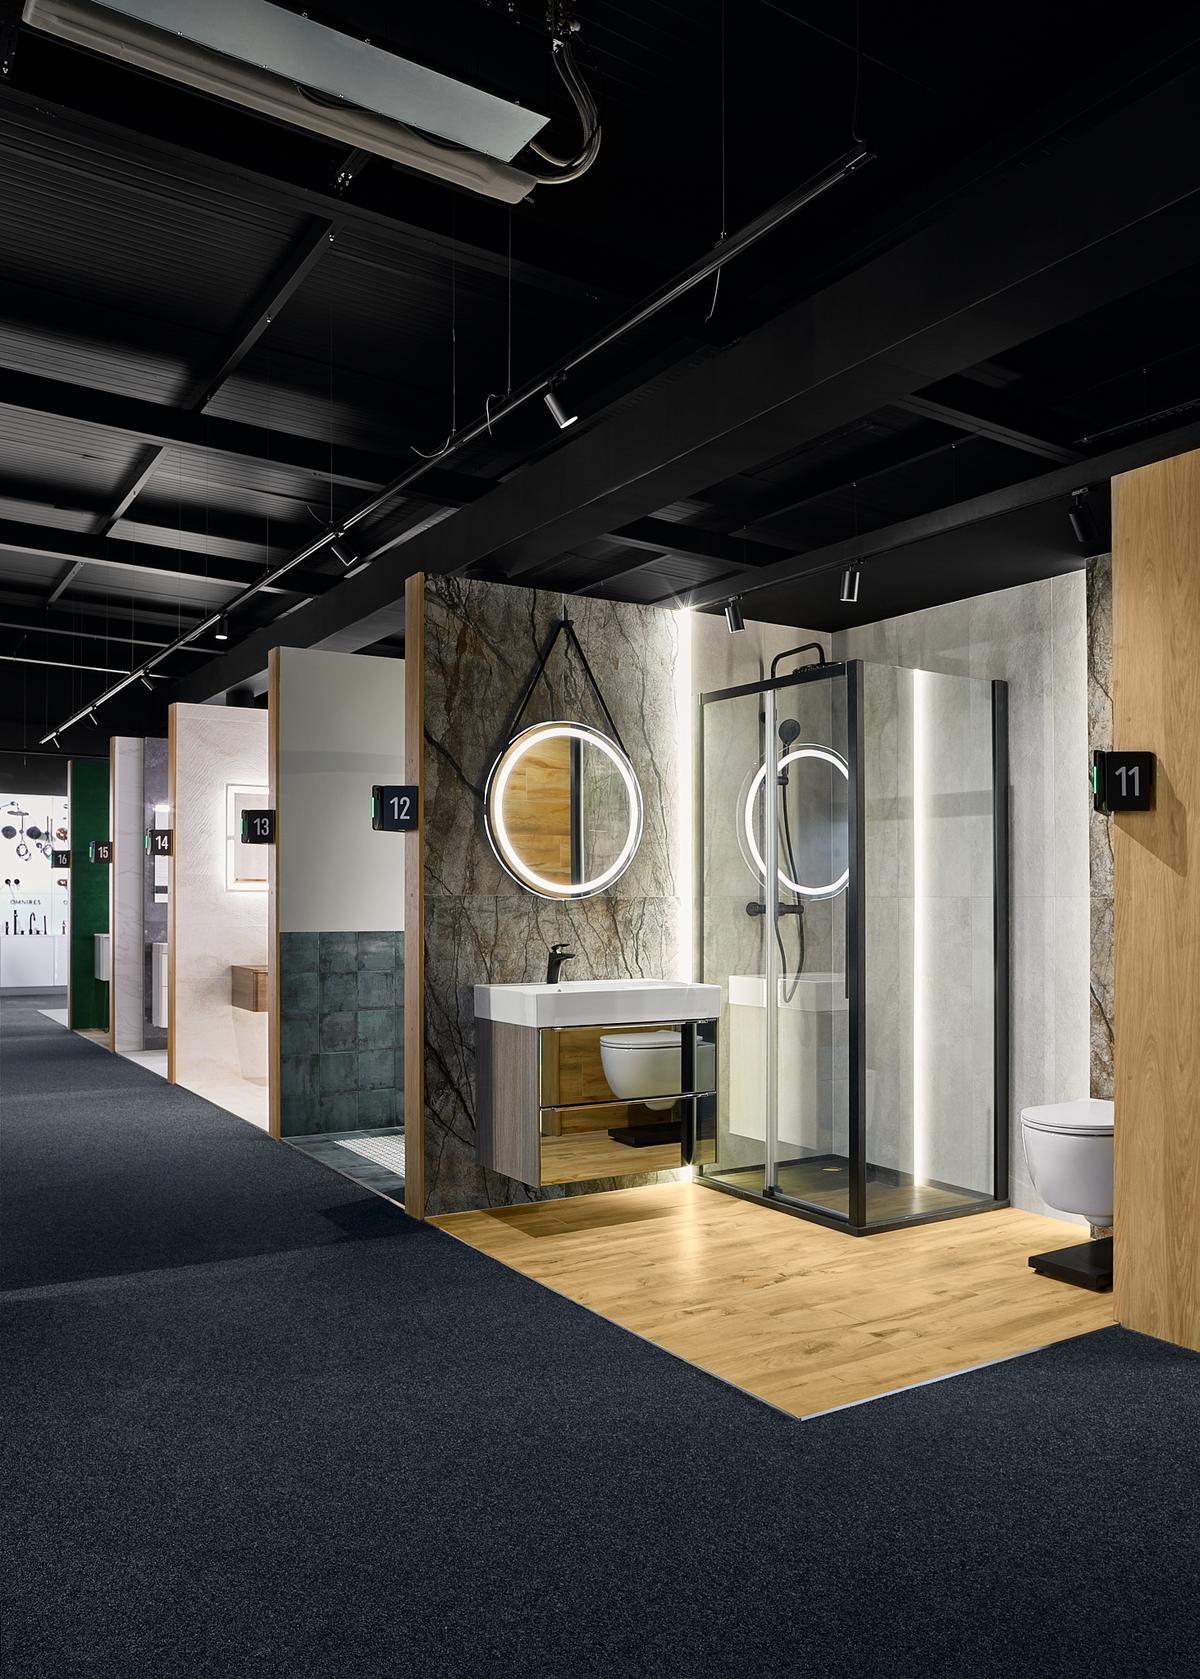 Łazienkowe aranżacje w BLU Elbląg - zdjęcie od BLU salon łazienek Elbląg